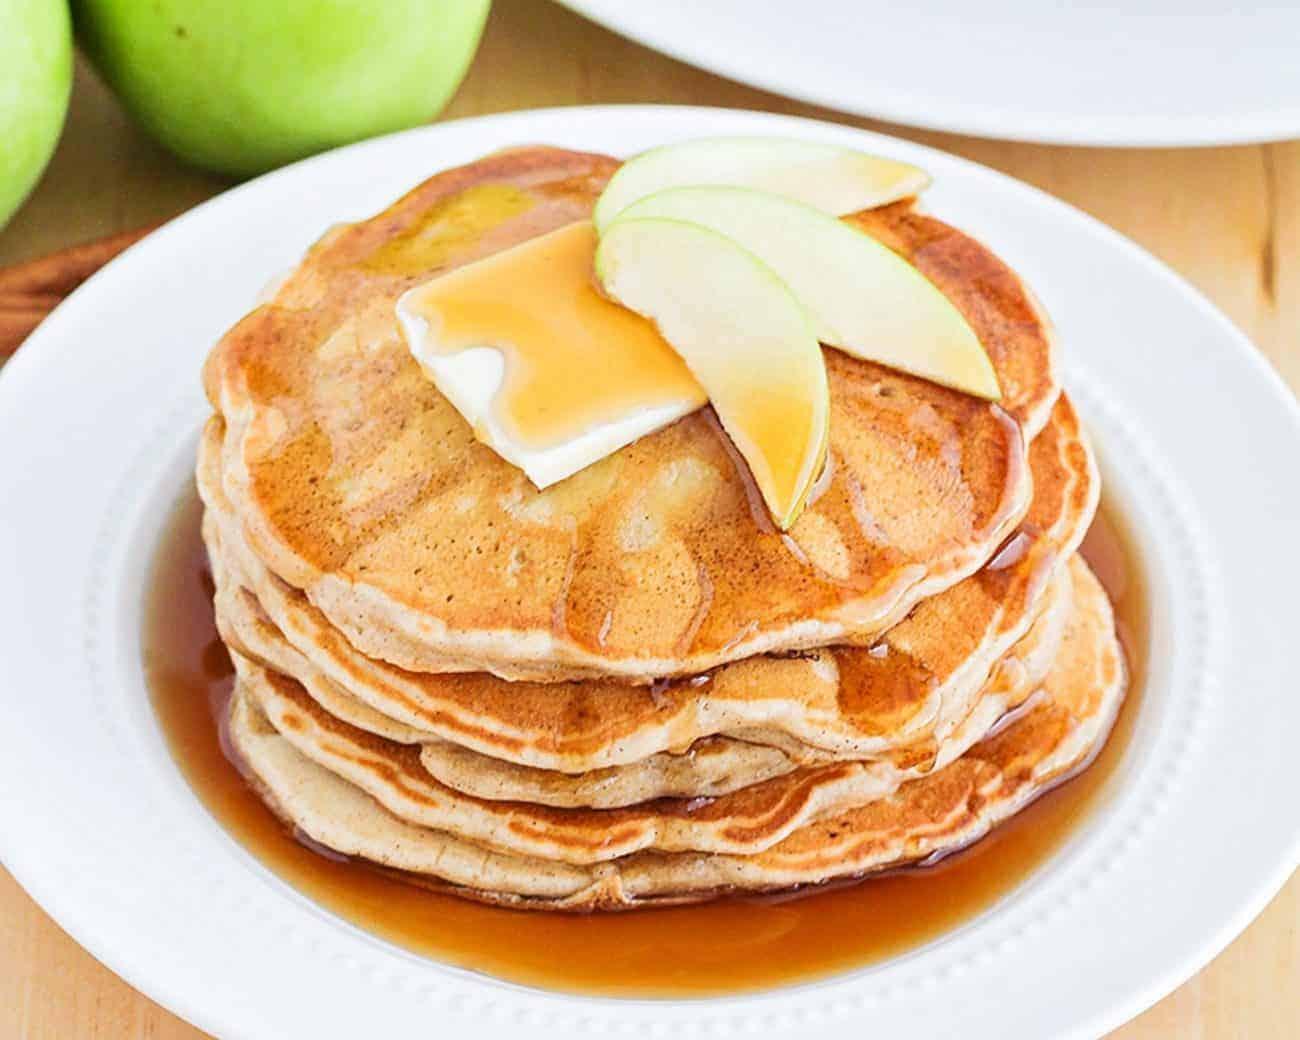 Flauschige Apfelpfannkuchen einfach gemacht